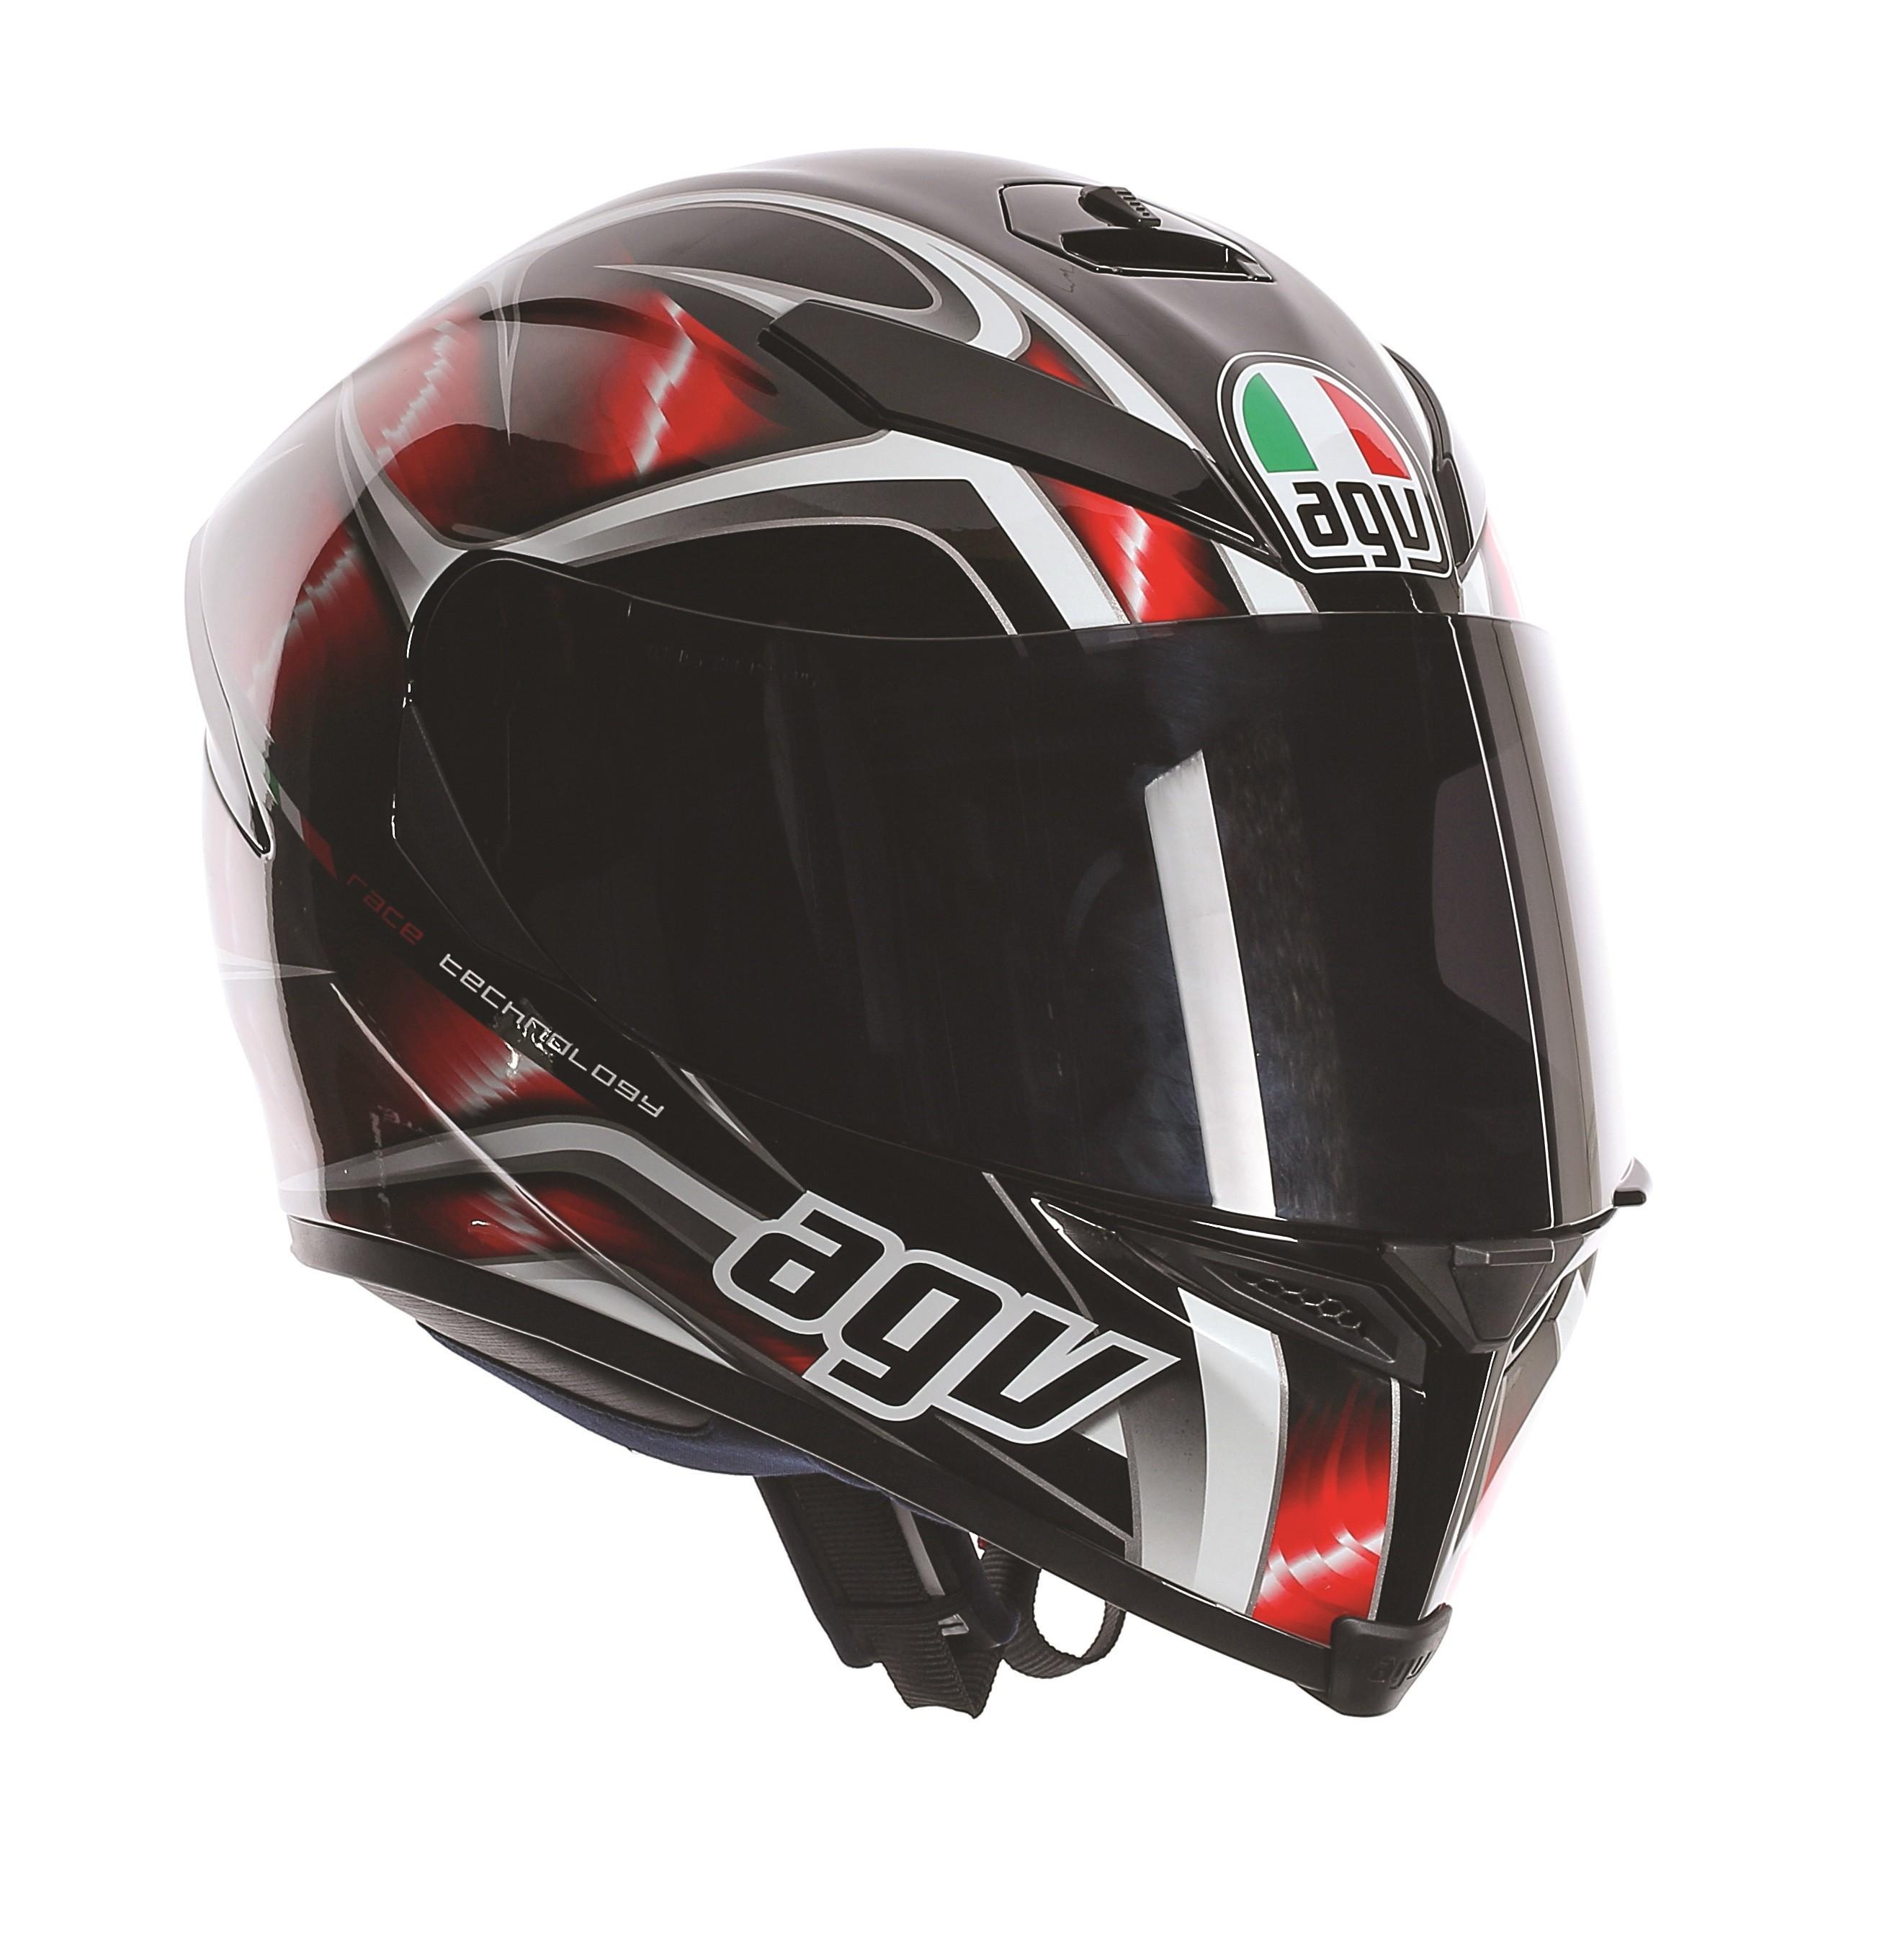 Full Motorcycle Helmet >> AGV K5-S Hurricane crash helmet   AGV helmets UK